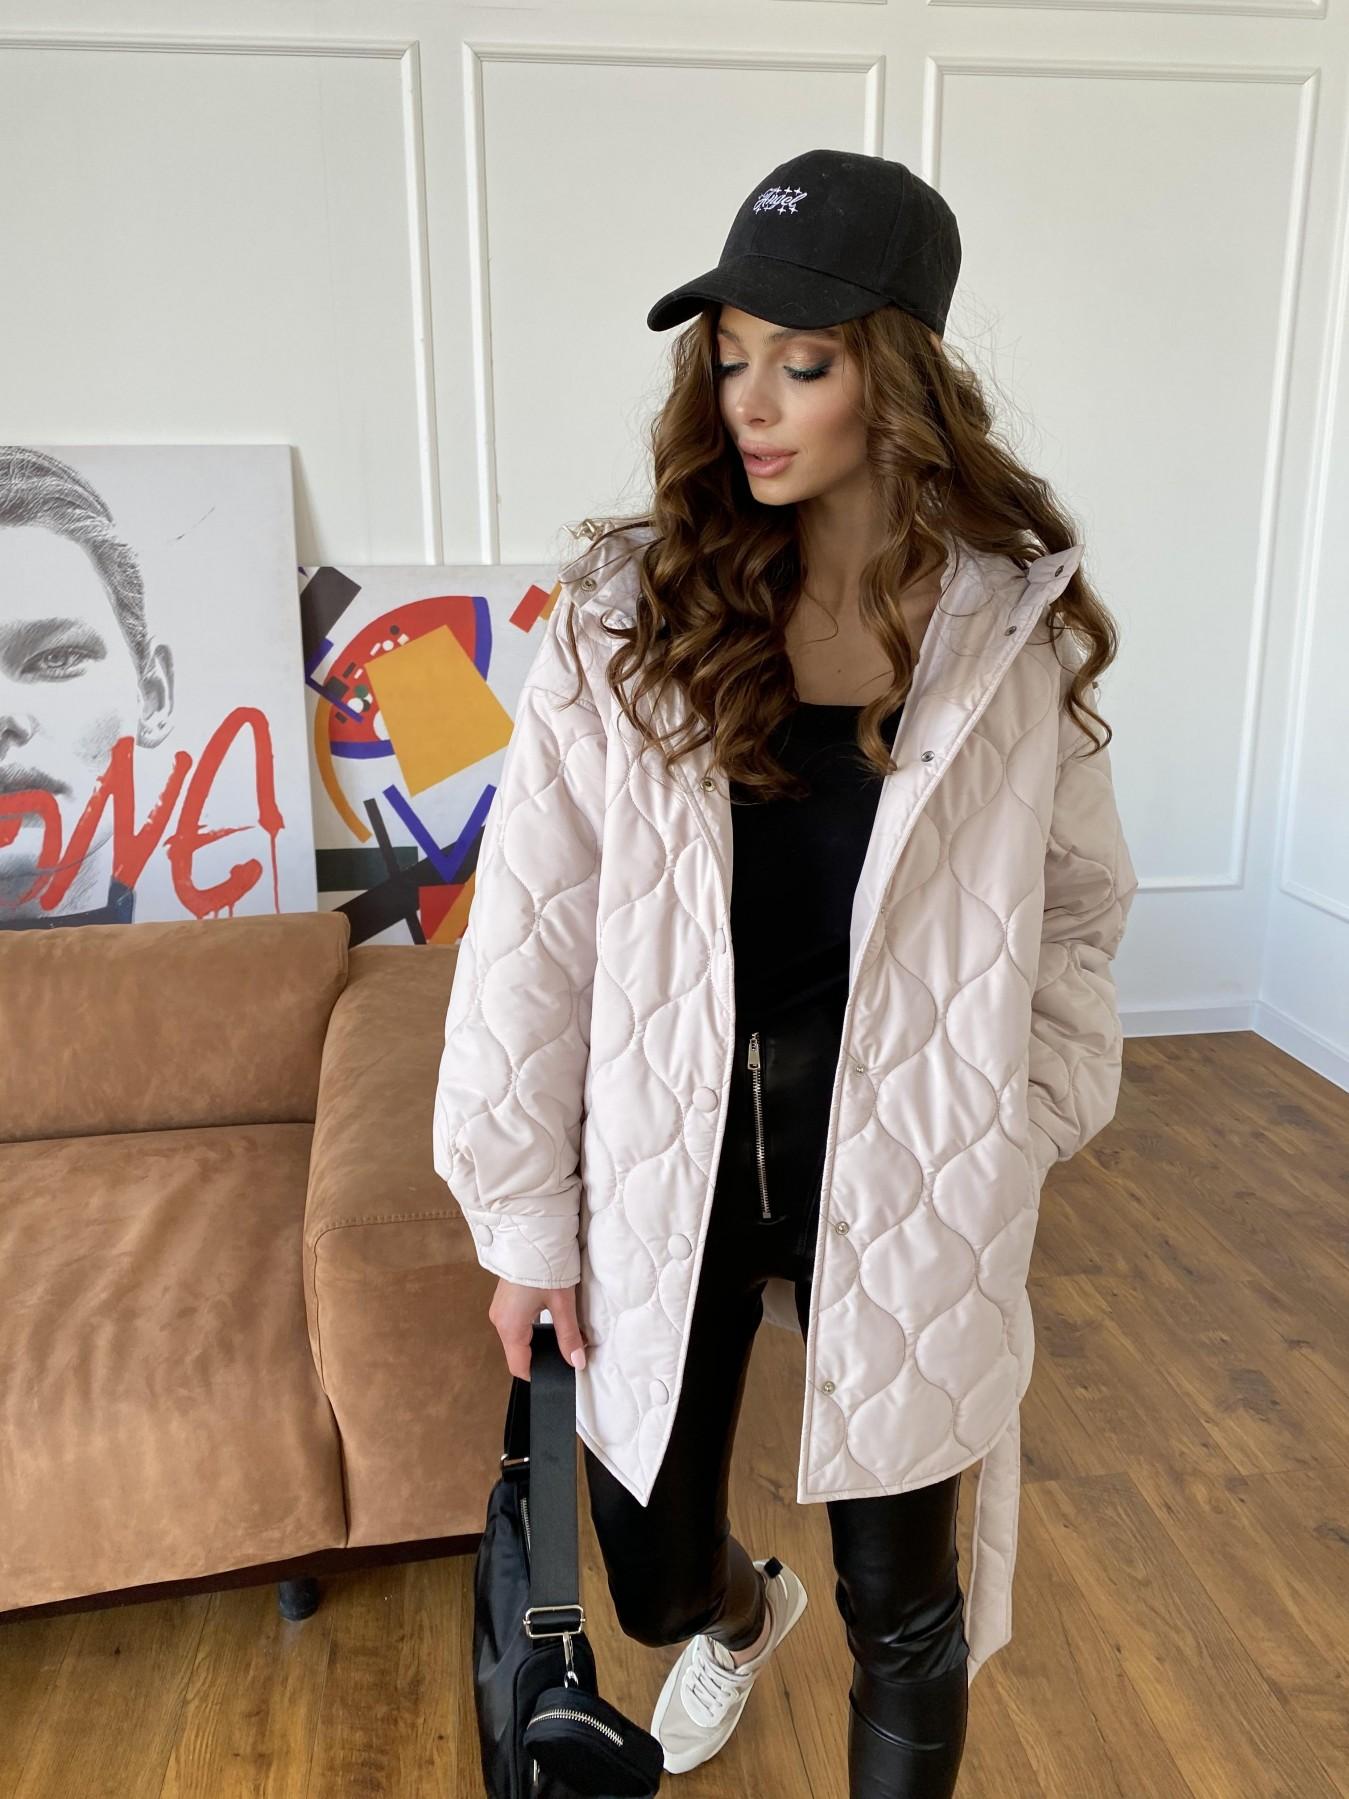 Пазл ЗИГЗАГ  стеганая куртка из плащевой ткани Ammy 10979 АРТ. 47471 Цвет: Бежевый 970 - фото 3, интернет магазин tm-modus.ru